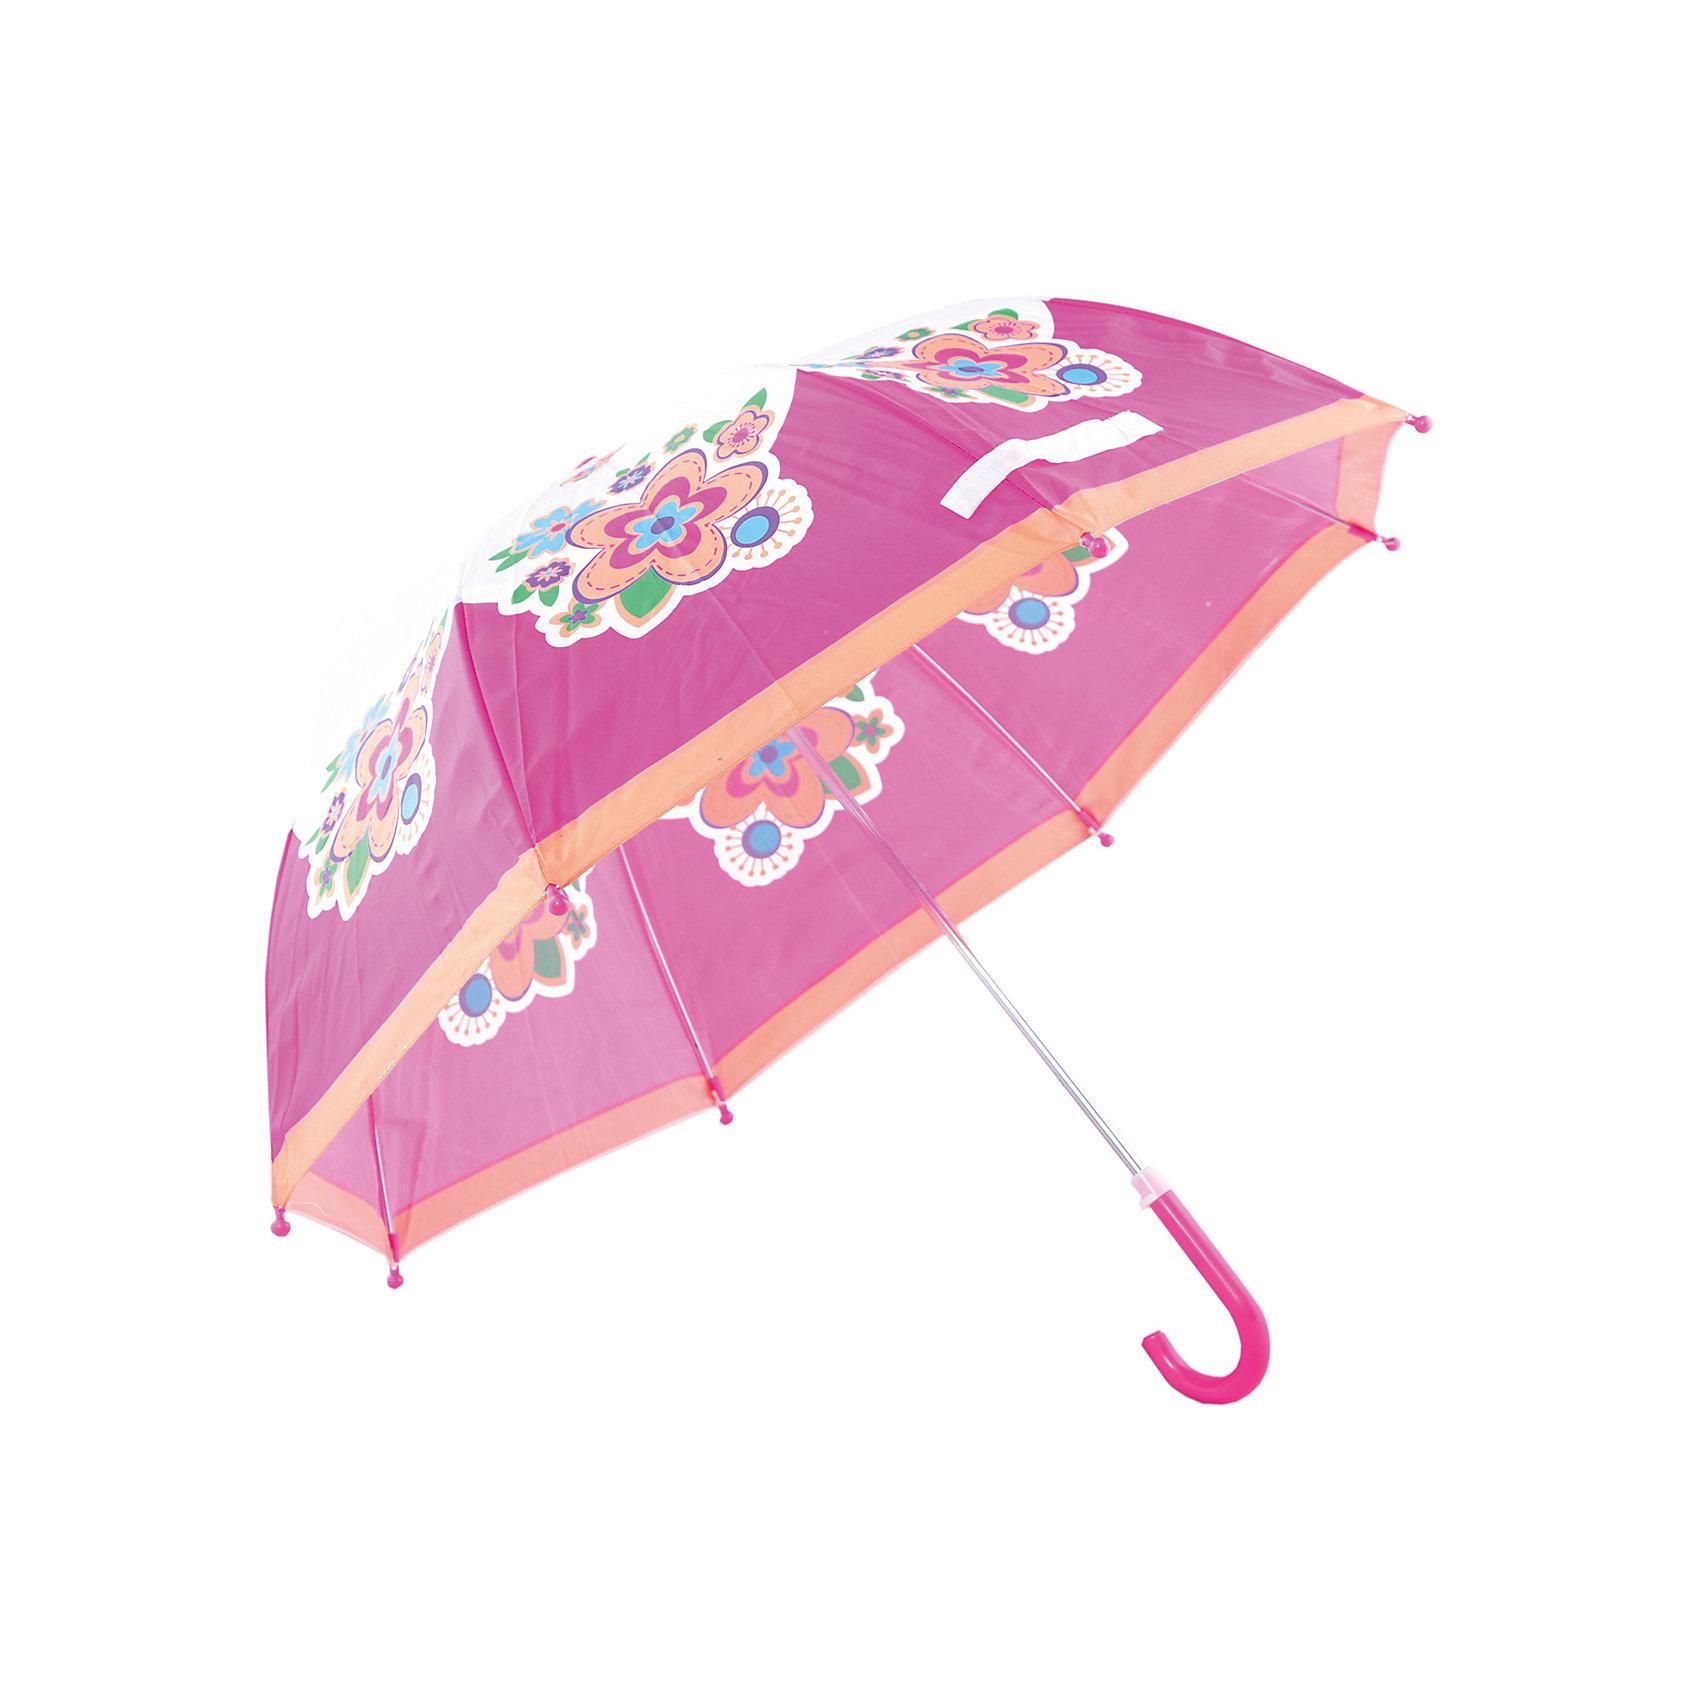 Зонт детский Цветы, 46 см.Зонты детские<br>Яркий и удобный зонтик для малышей Цветы. Радиус: 46 см. Длина ручки: 57 см.<br><br>Ширина мм: 580<br>Глубина мм: 400<br>Высота мм: 400<br>Вес г: 200<br>Возраст от месяцев: 36<br>Возраст до месяцев: 2147483647<br>Пол: Женский<br>Возраст: Детский<br>SKU: 5508531